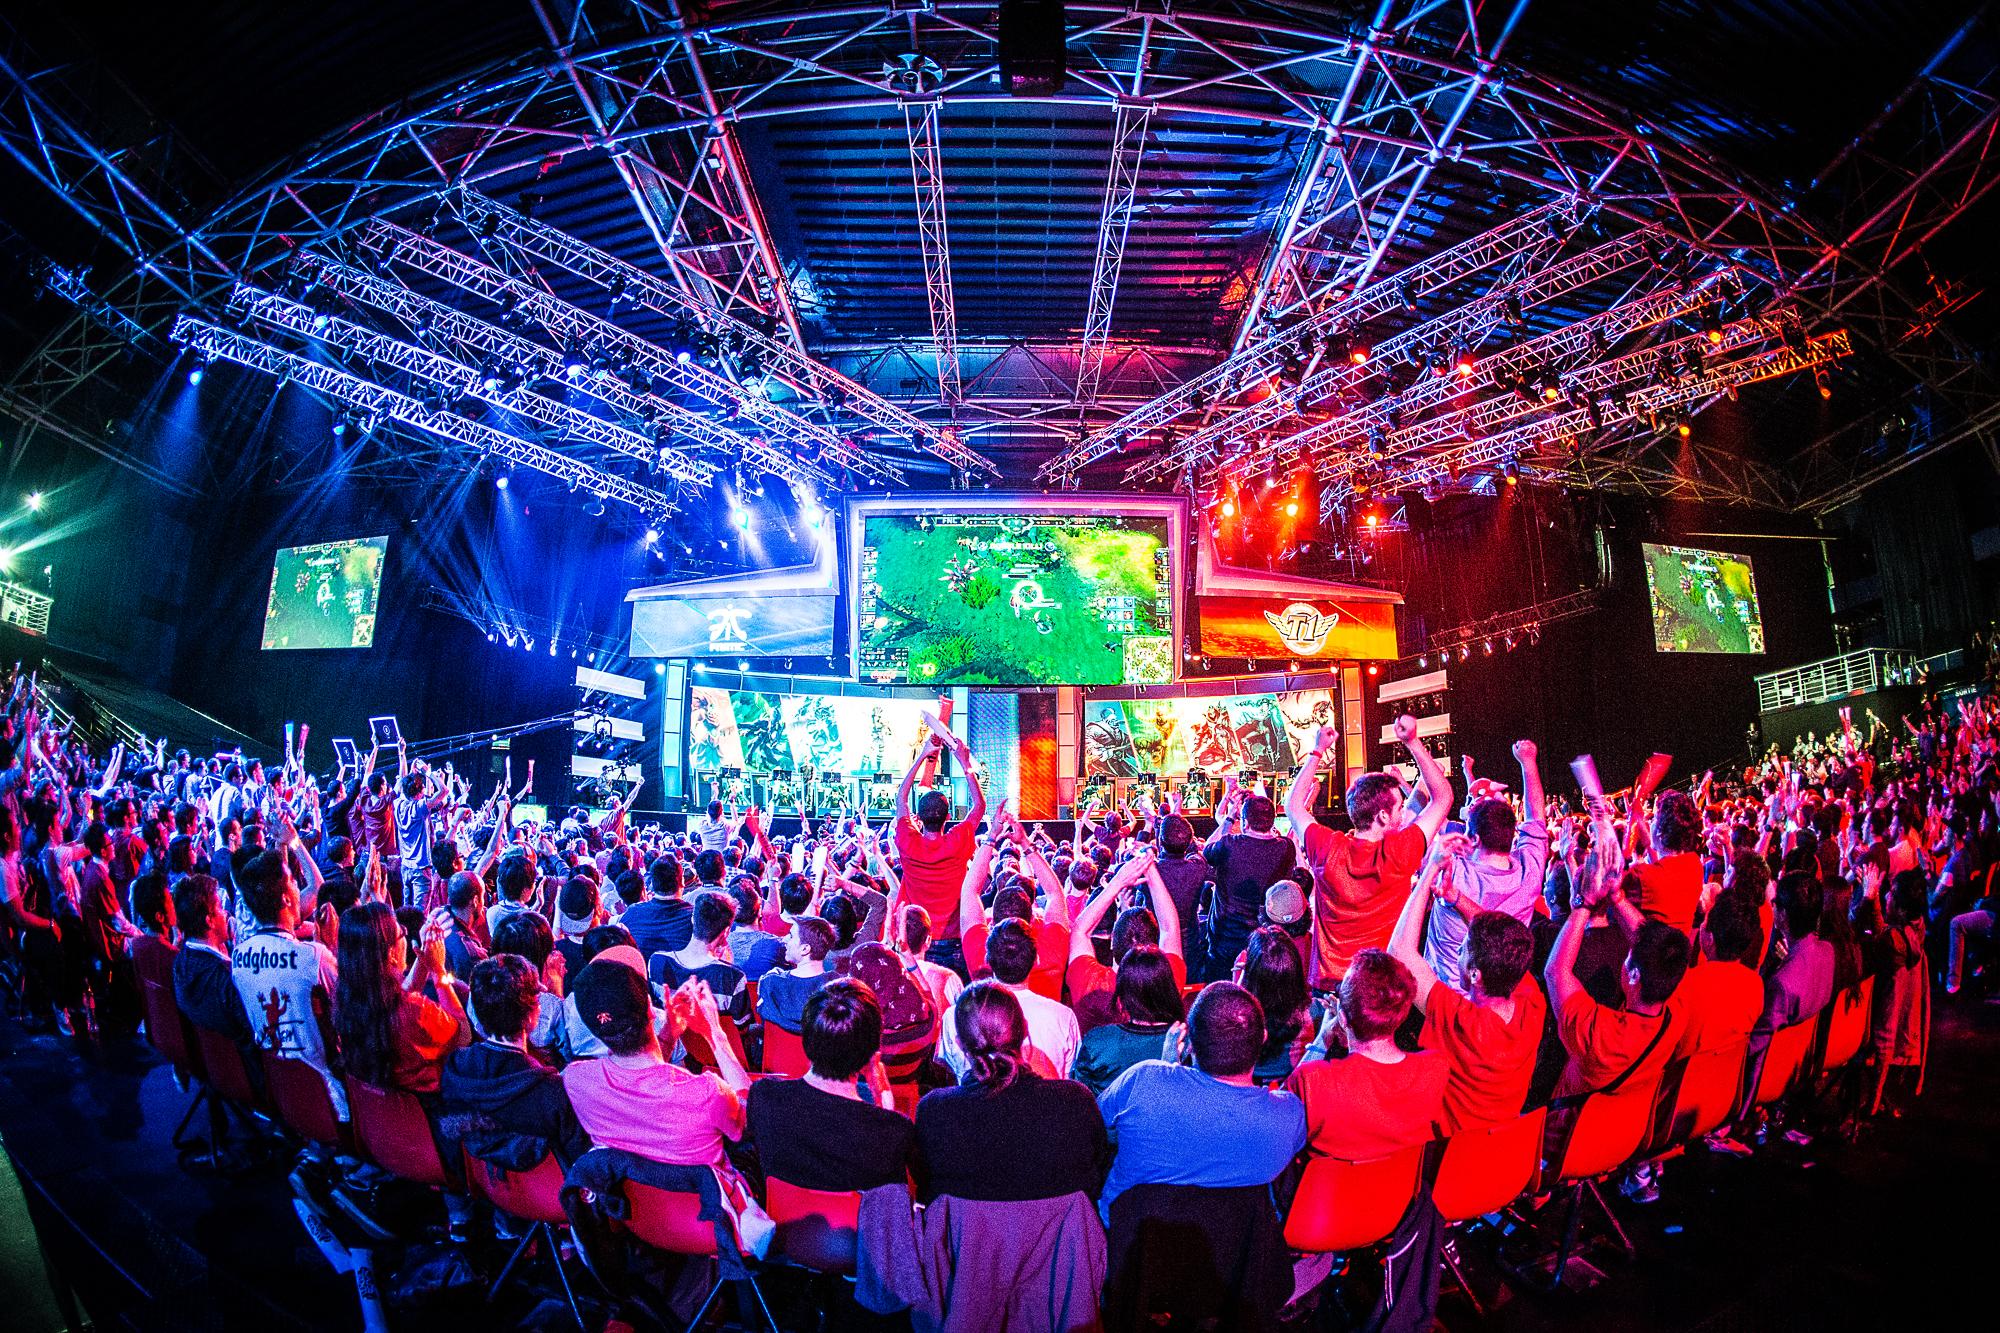 الرياضات الإلكترونية نشاط عالمي مستقبلي